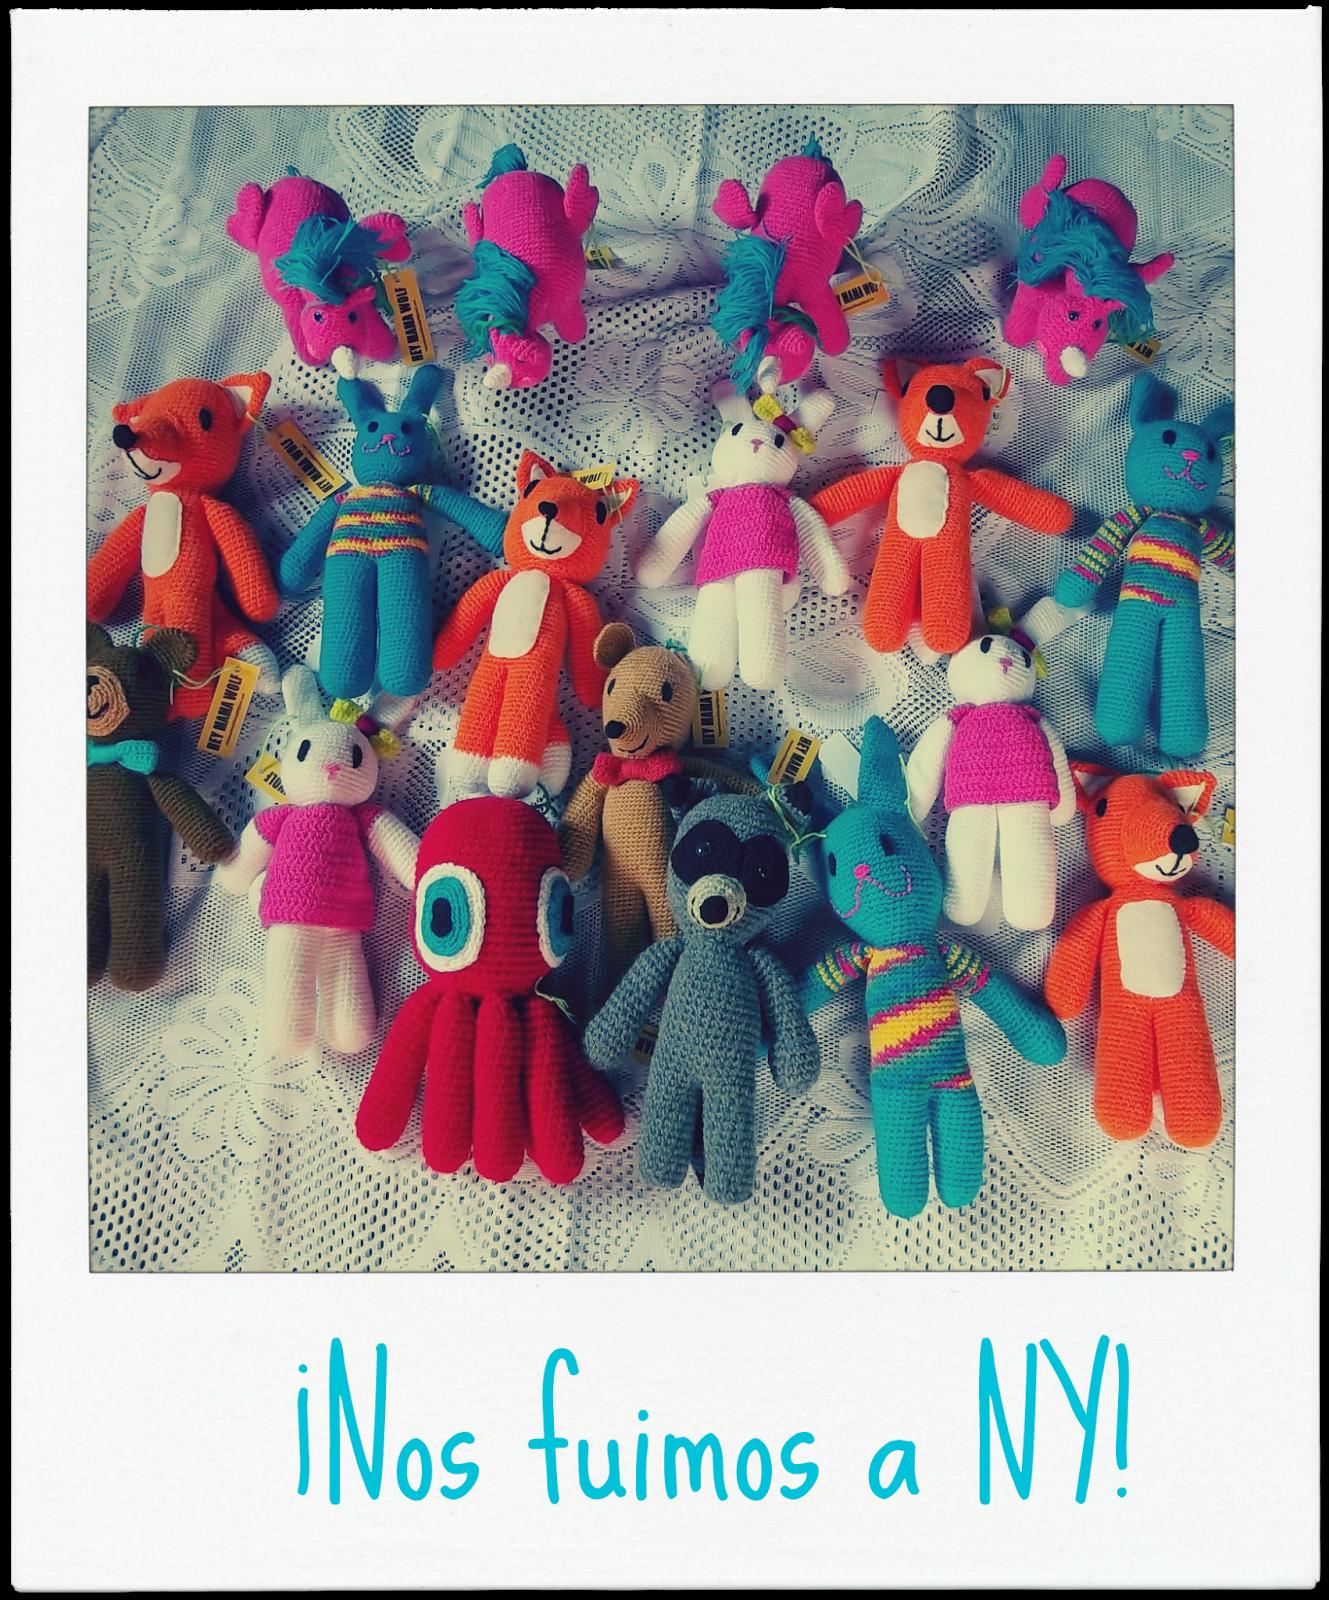 HEY MAMA WOLF: ¡NOS FUIMOS A NY!